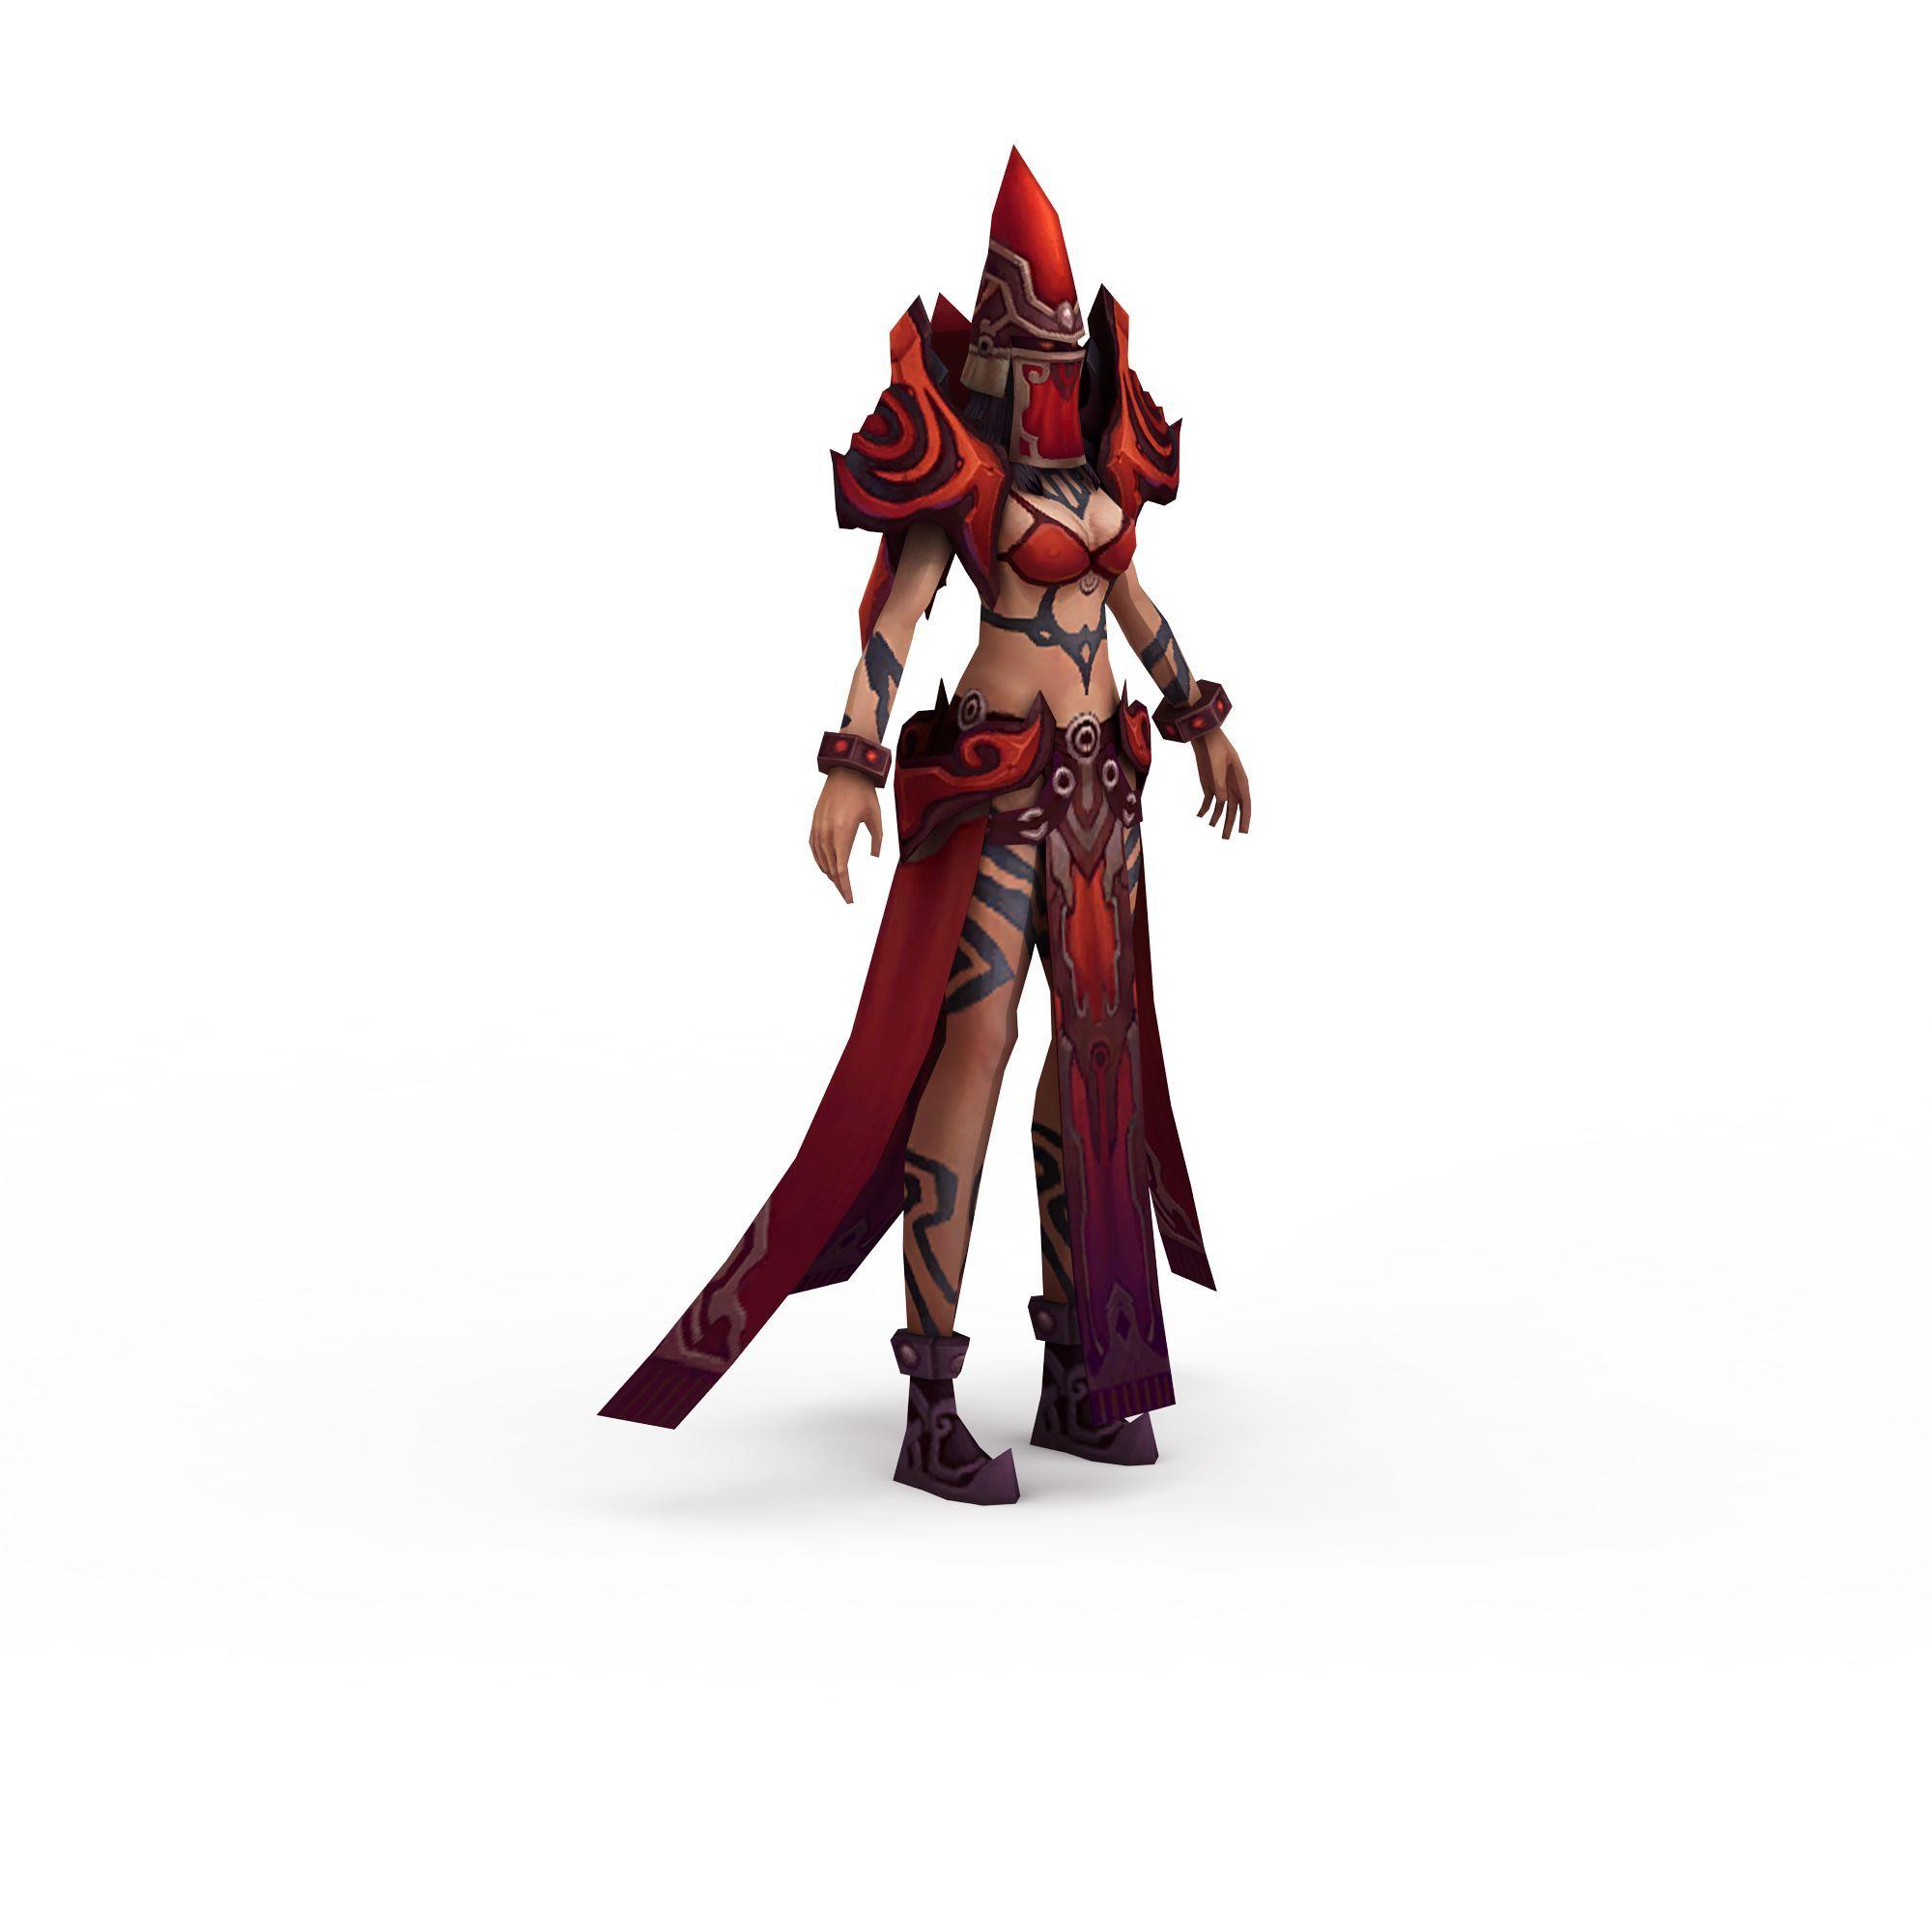 动漫游戏女角色高清图下载